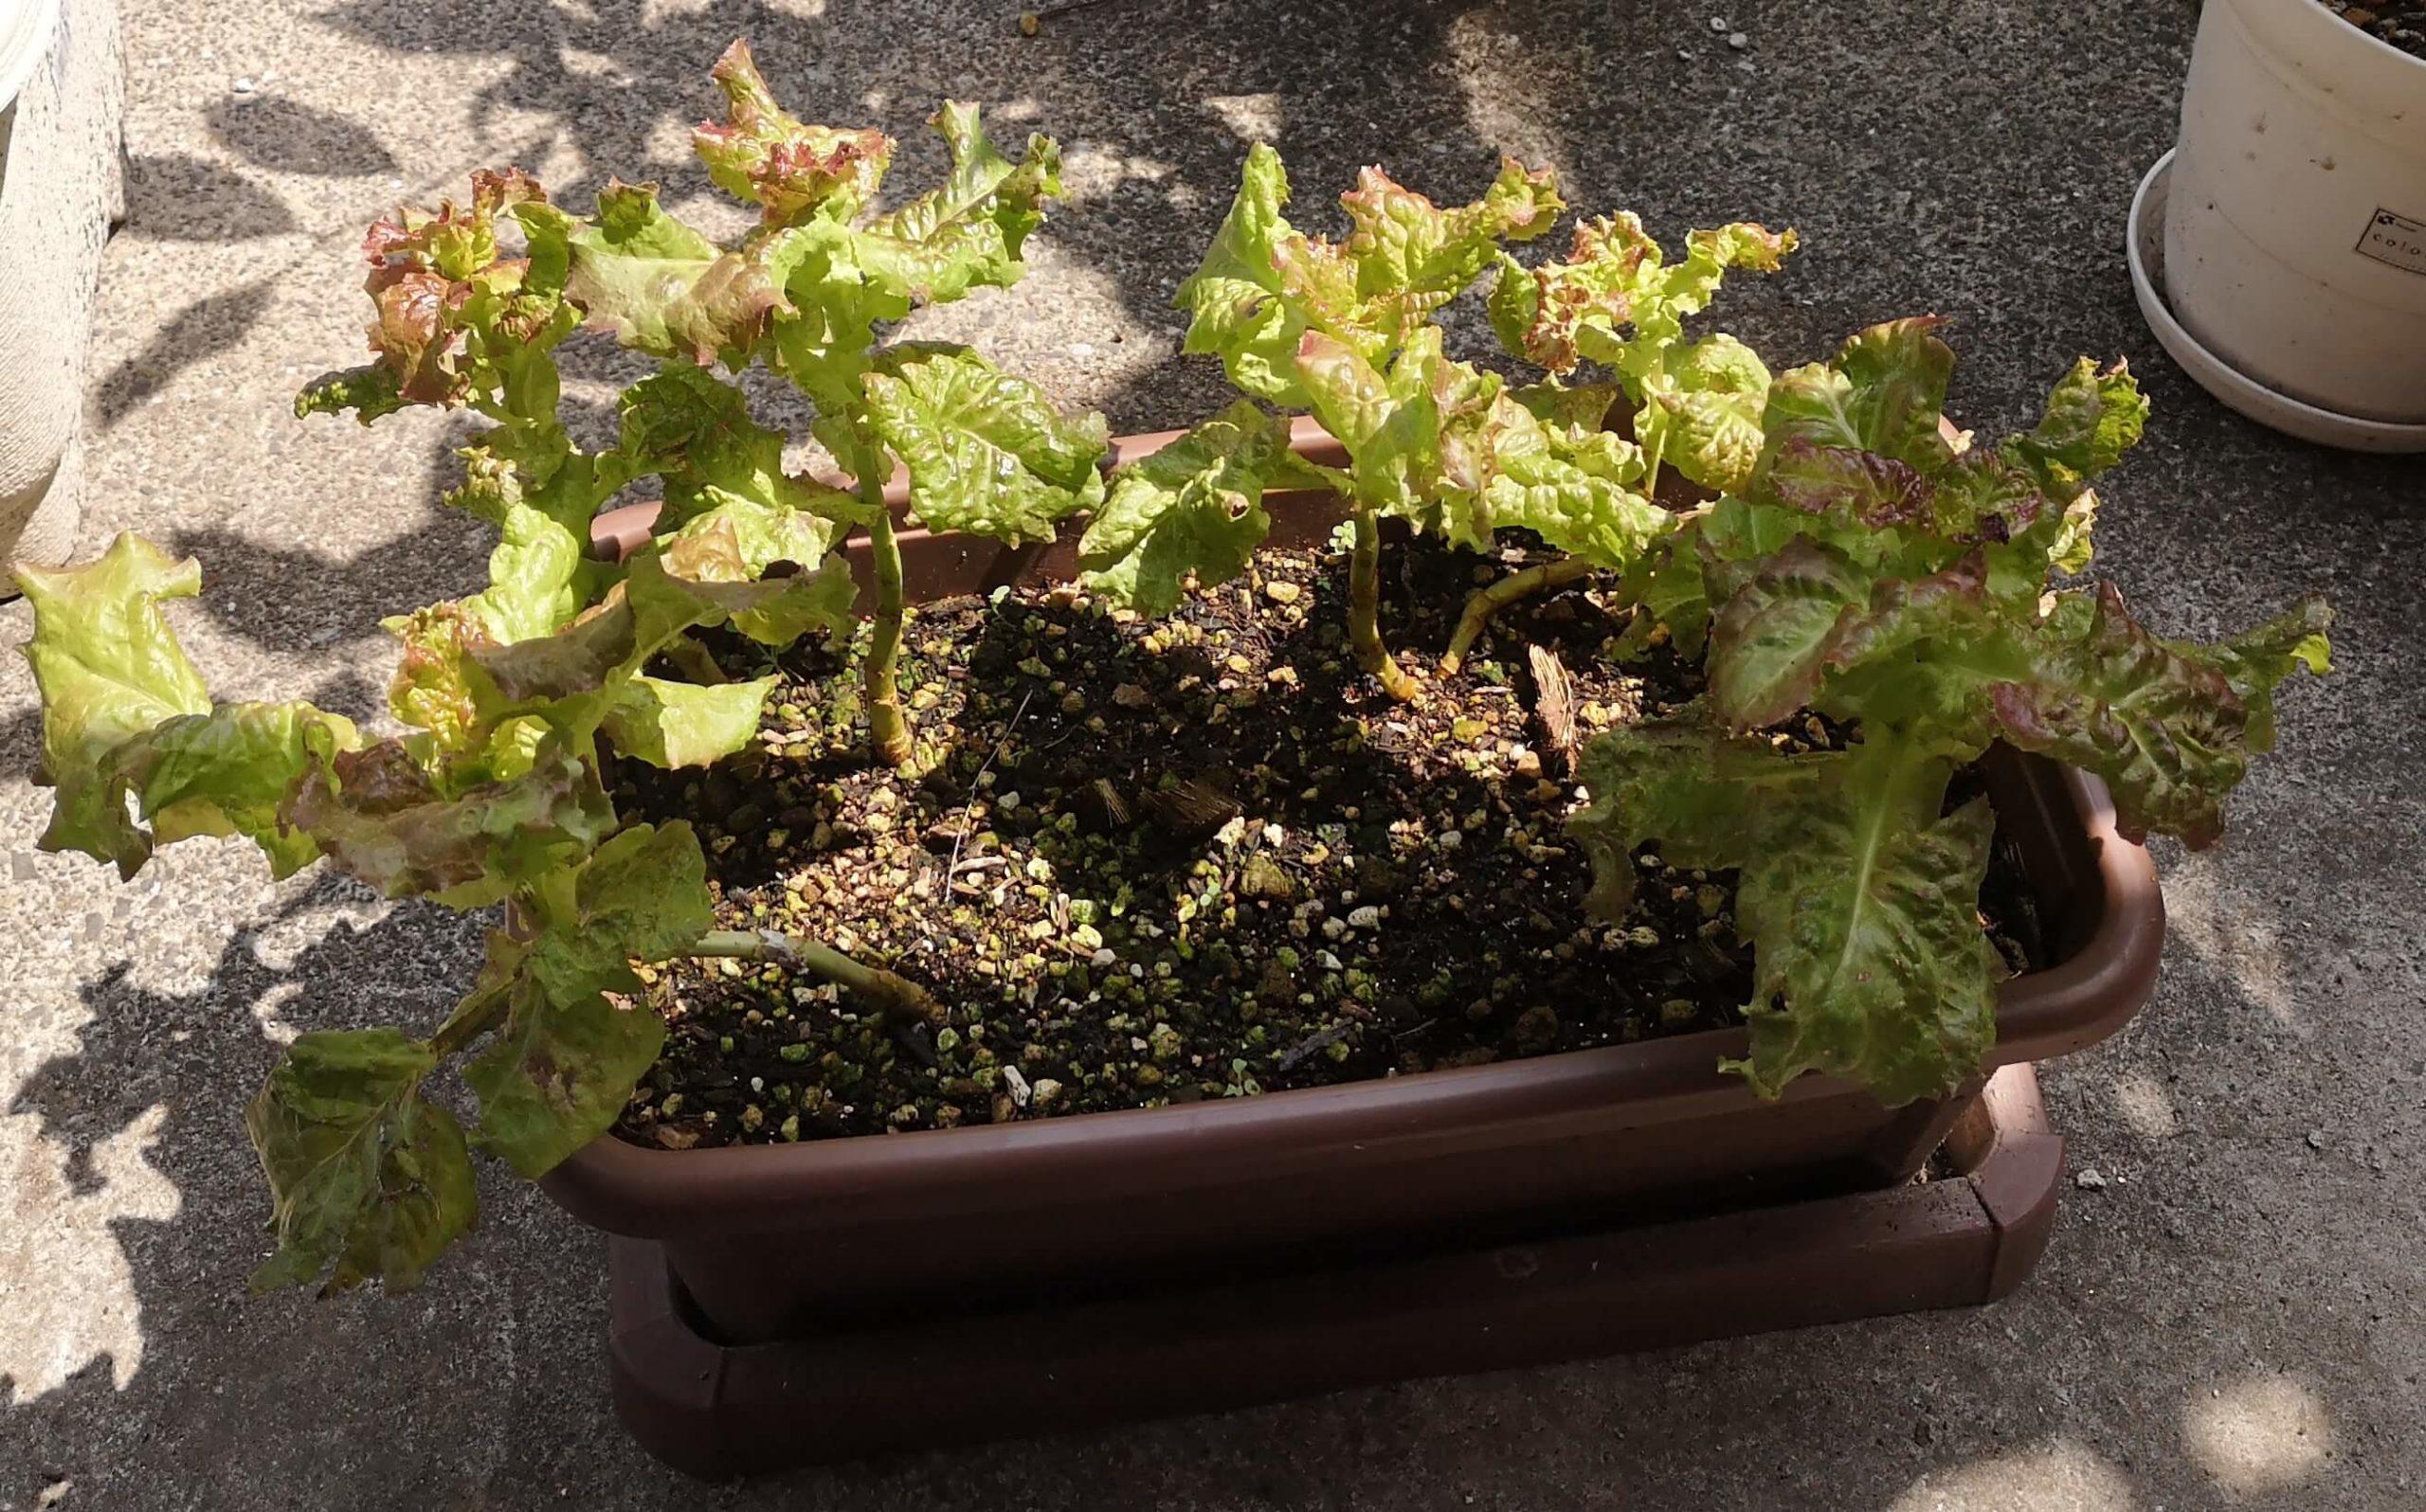 梅雨入り後で葉っぱは大きくならず根元が伸びるサニーレタス